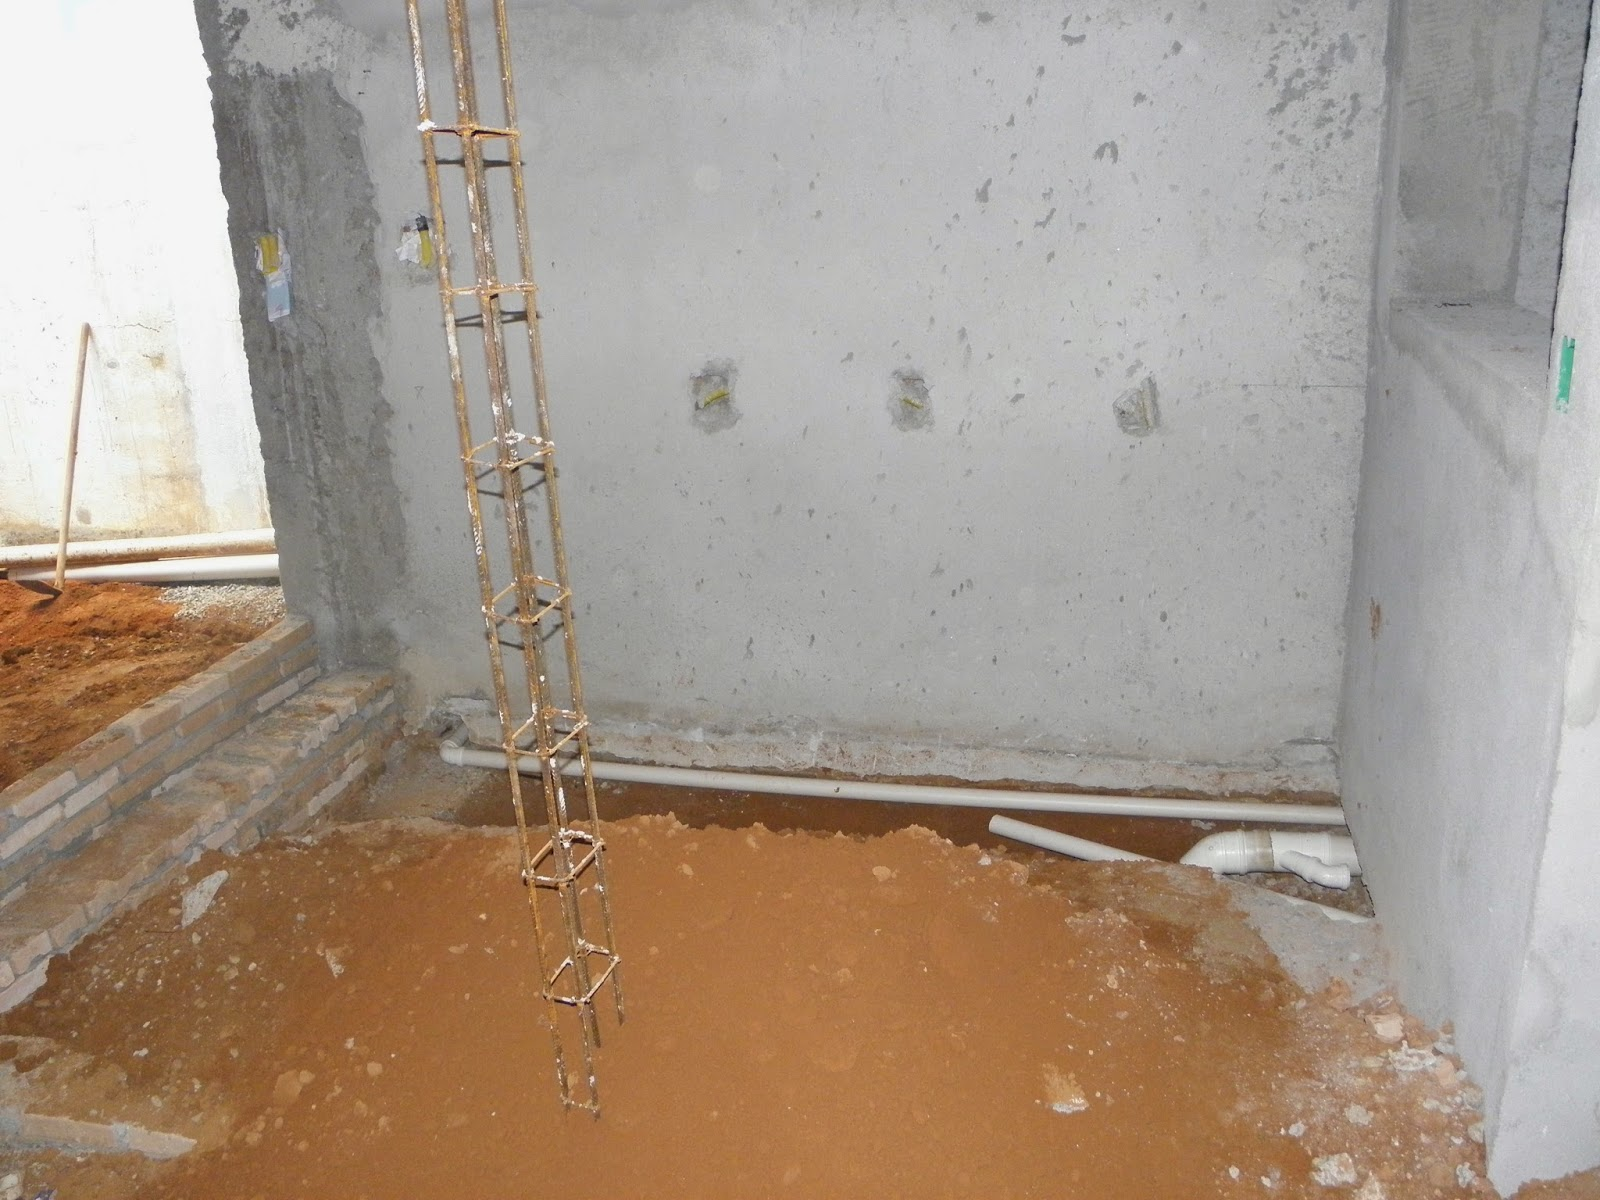 cano do exaustor do banheiro rente à parede   cano do exaustor de  #91623A 1600x1200 Banheiro De Apartamento Com Exaustor